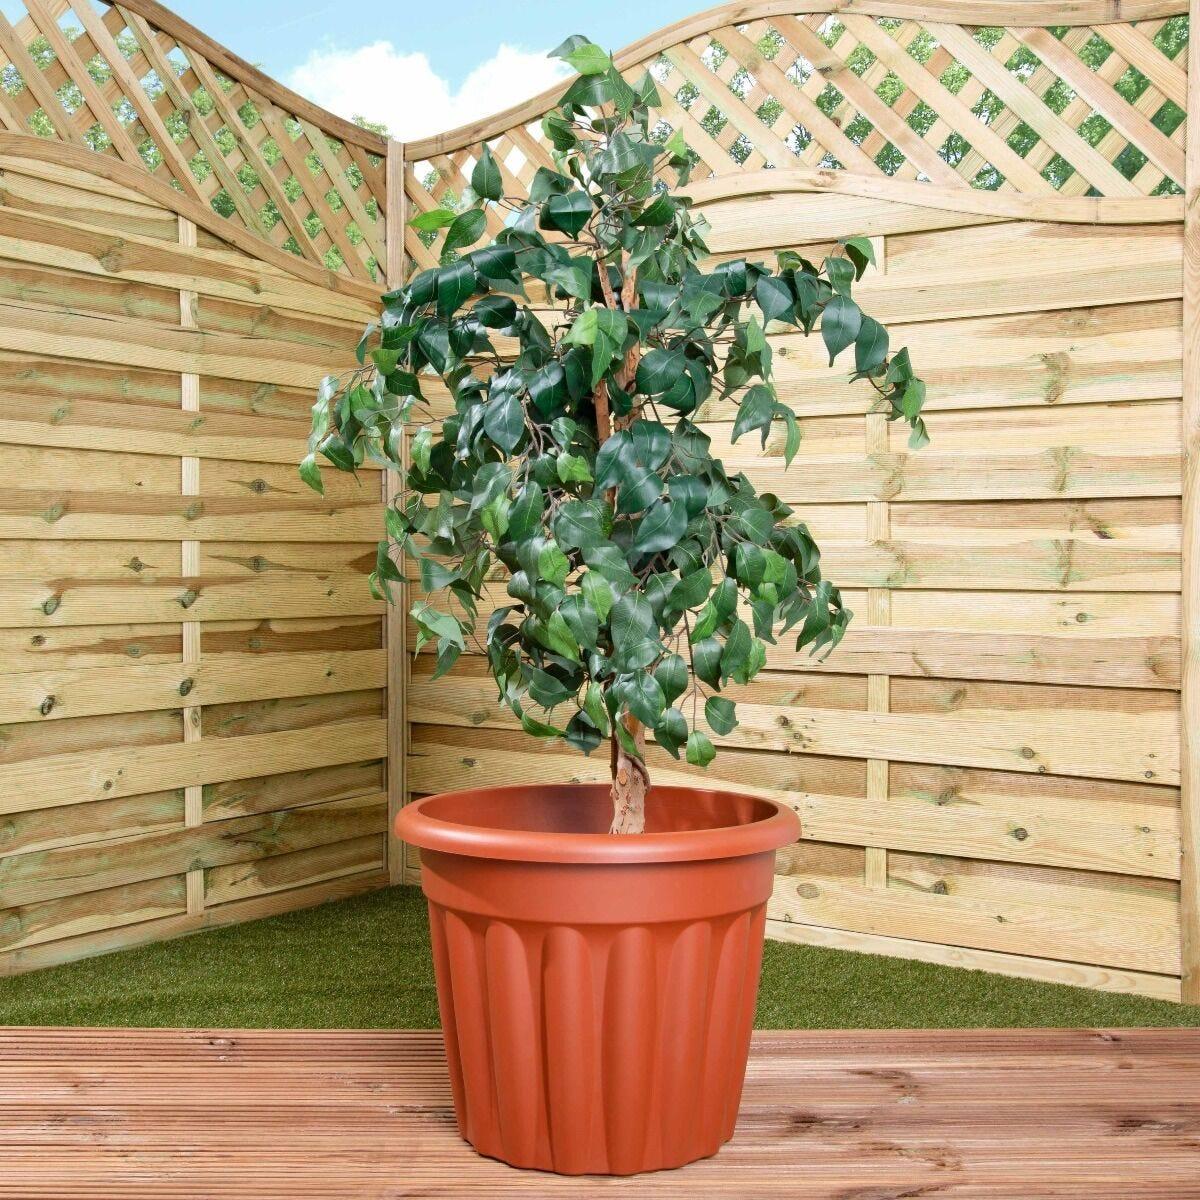 Wham Vista Traditional Planter 50cm Set of 5 Terracotta